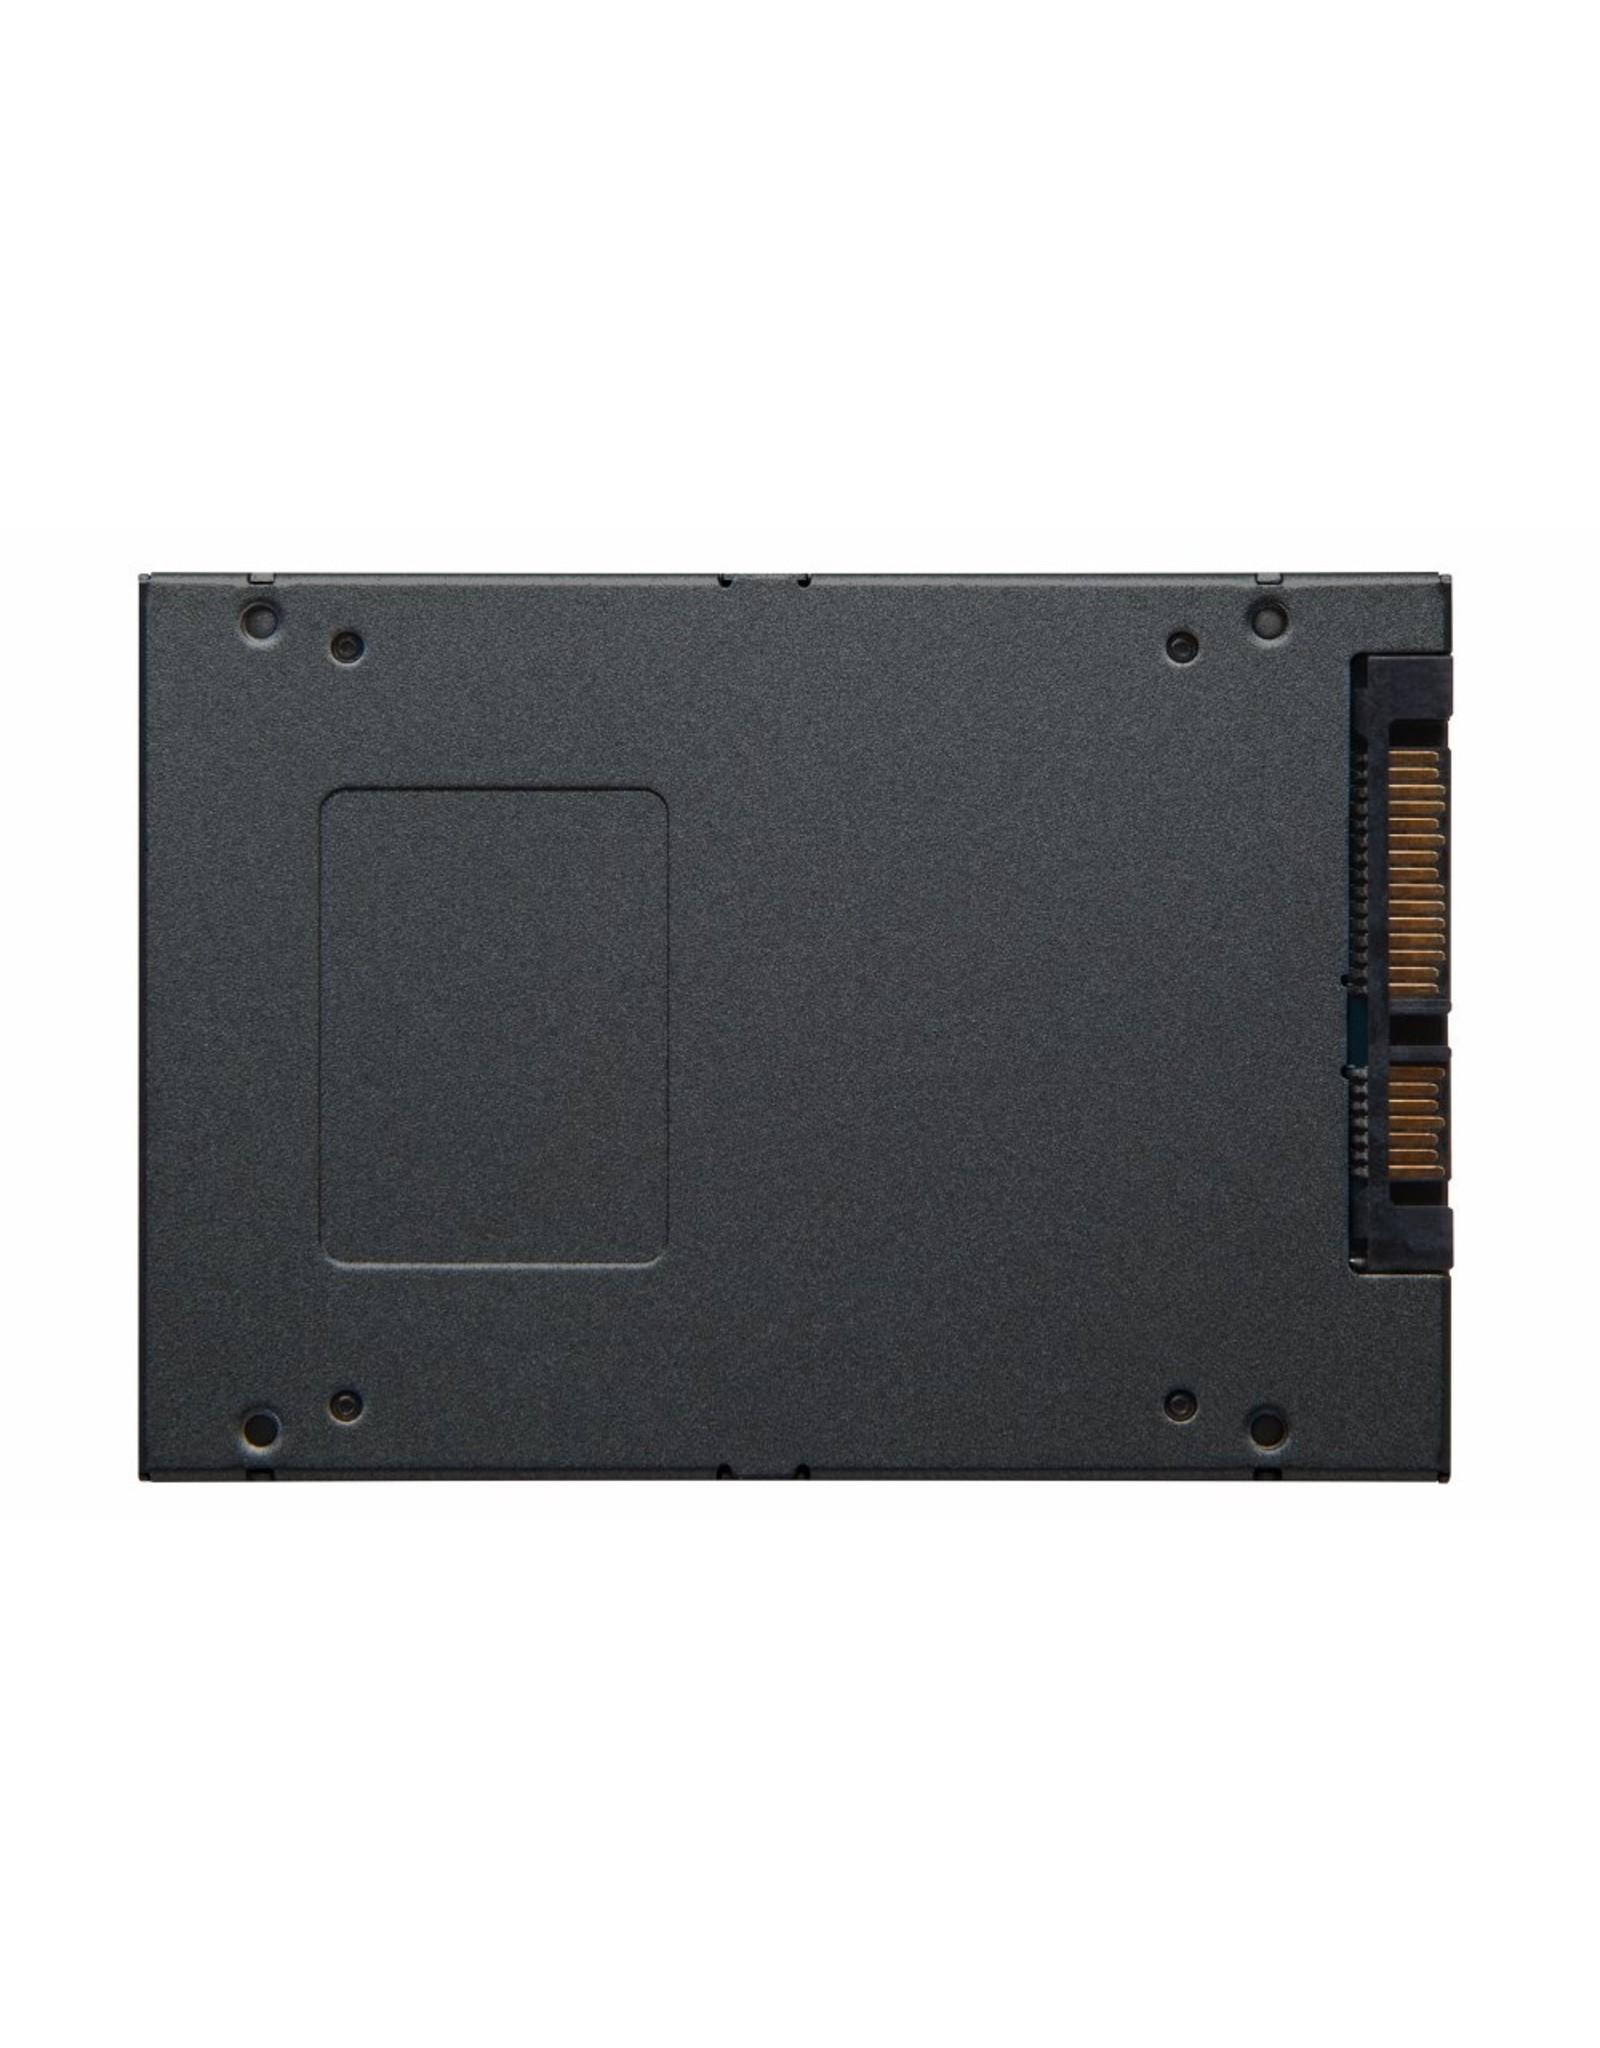 Kingston SSD A400 960GB TLC 500MB/s read 450/MB/s